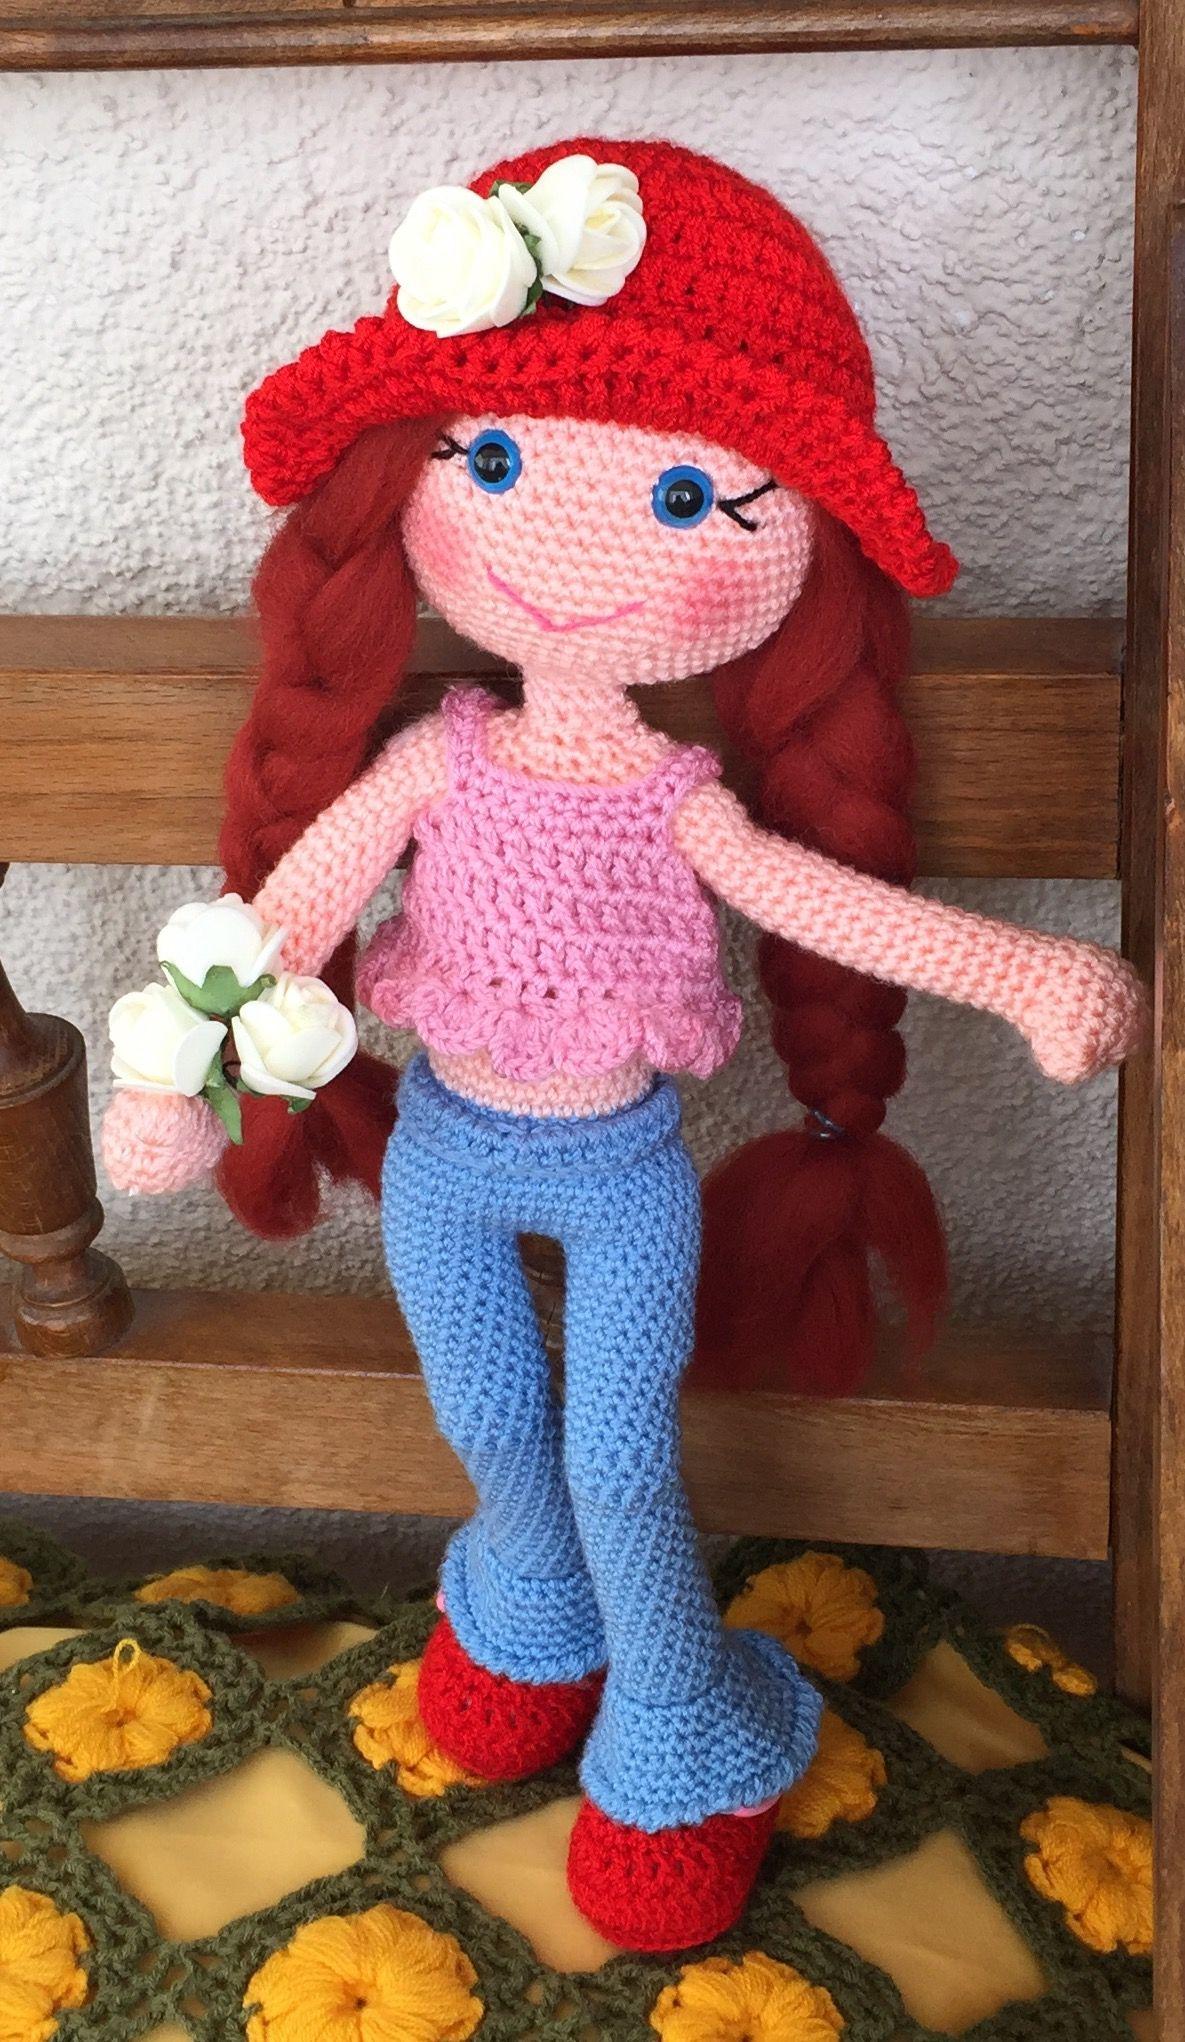 Pin von Ludmilla Semiz auf D&D amigurumi | Pinterest | Puppen ...